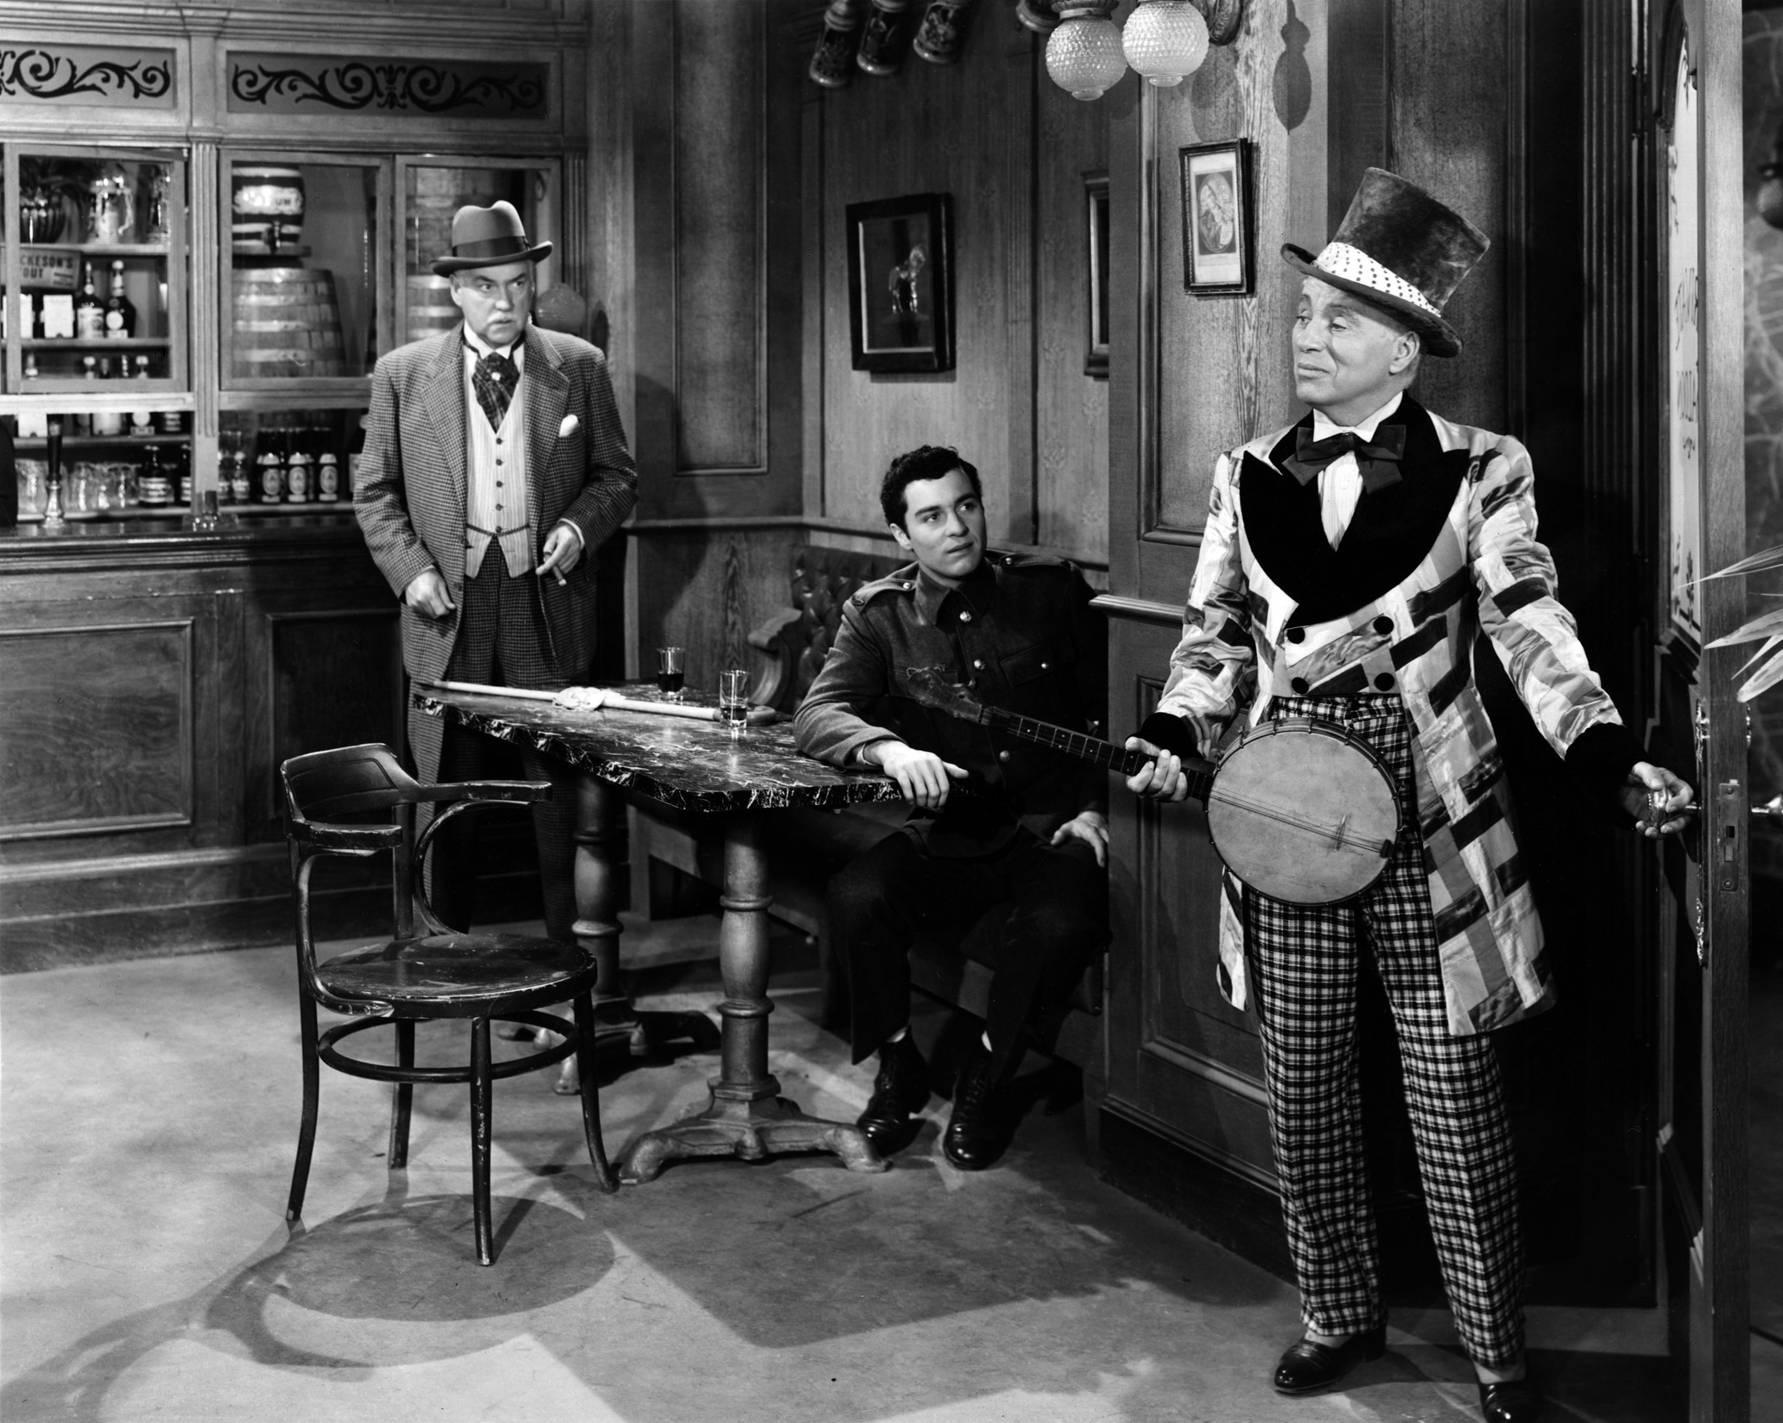 (L to R) Nigel Bruce,Sydney Chaplin and Charlie Chaplin